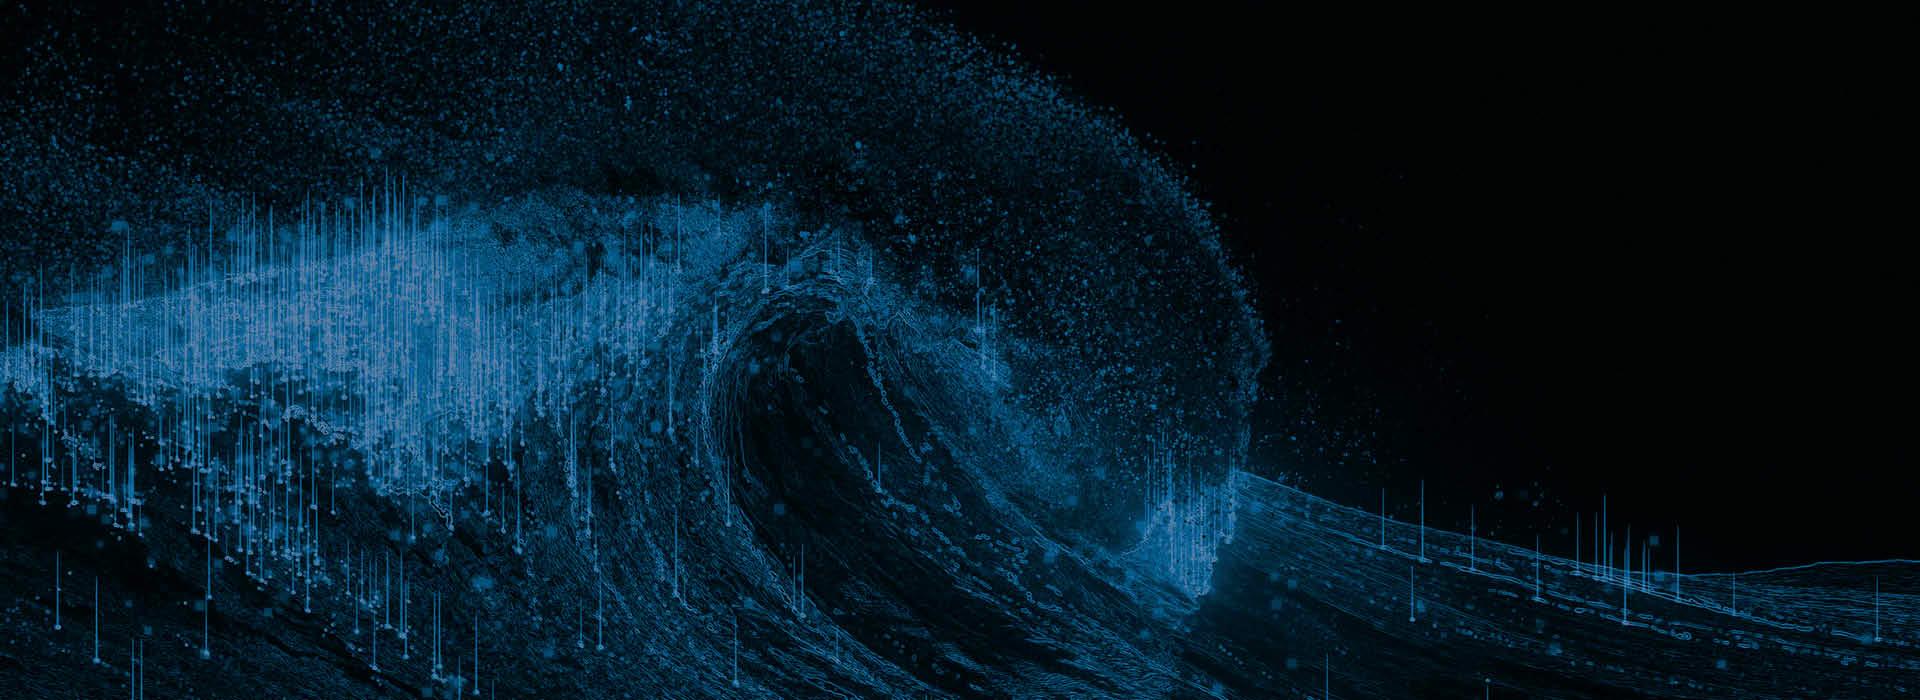 wave-bg